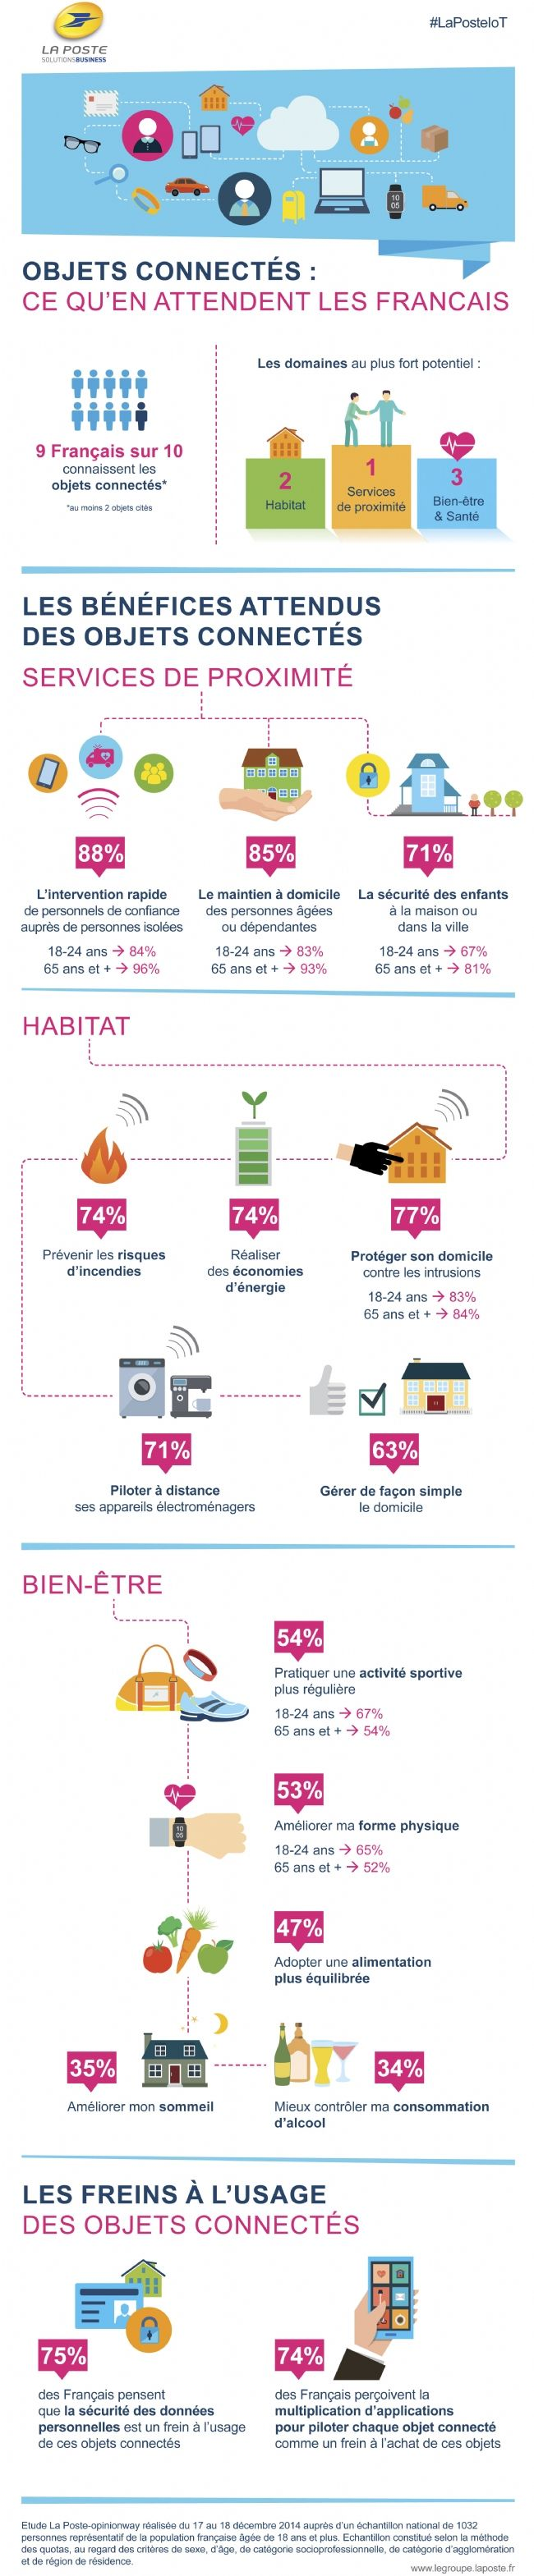 Infographie | Objets connectés : quels bénéfices en attendent les Français ?